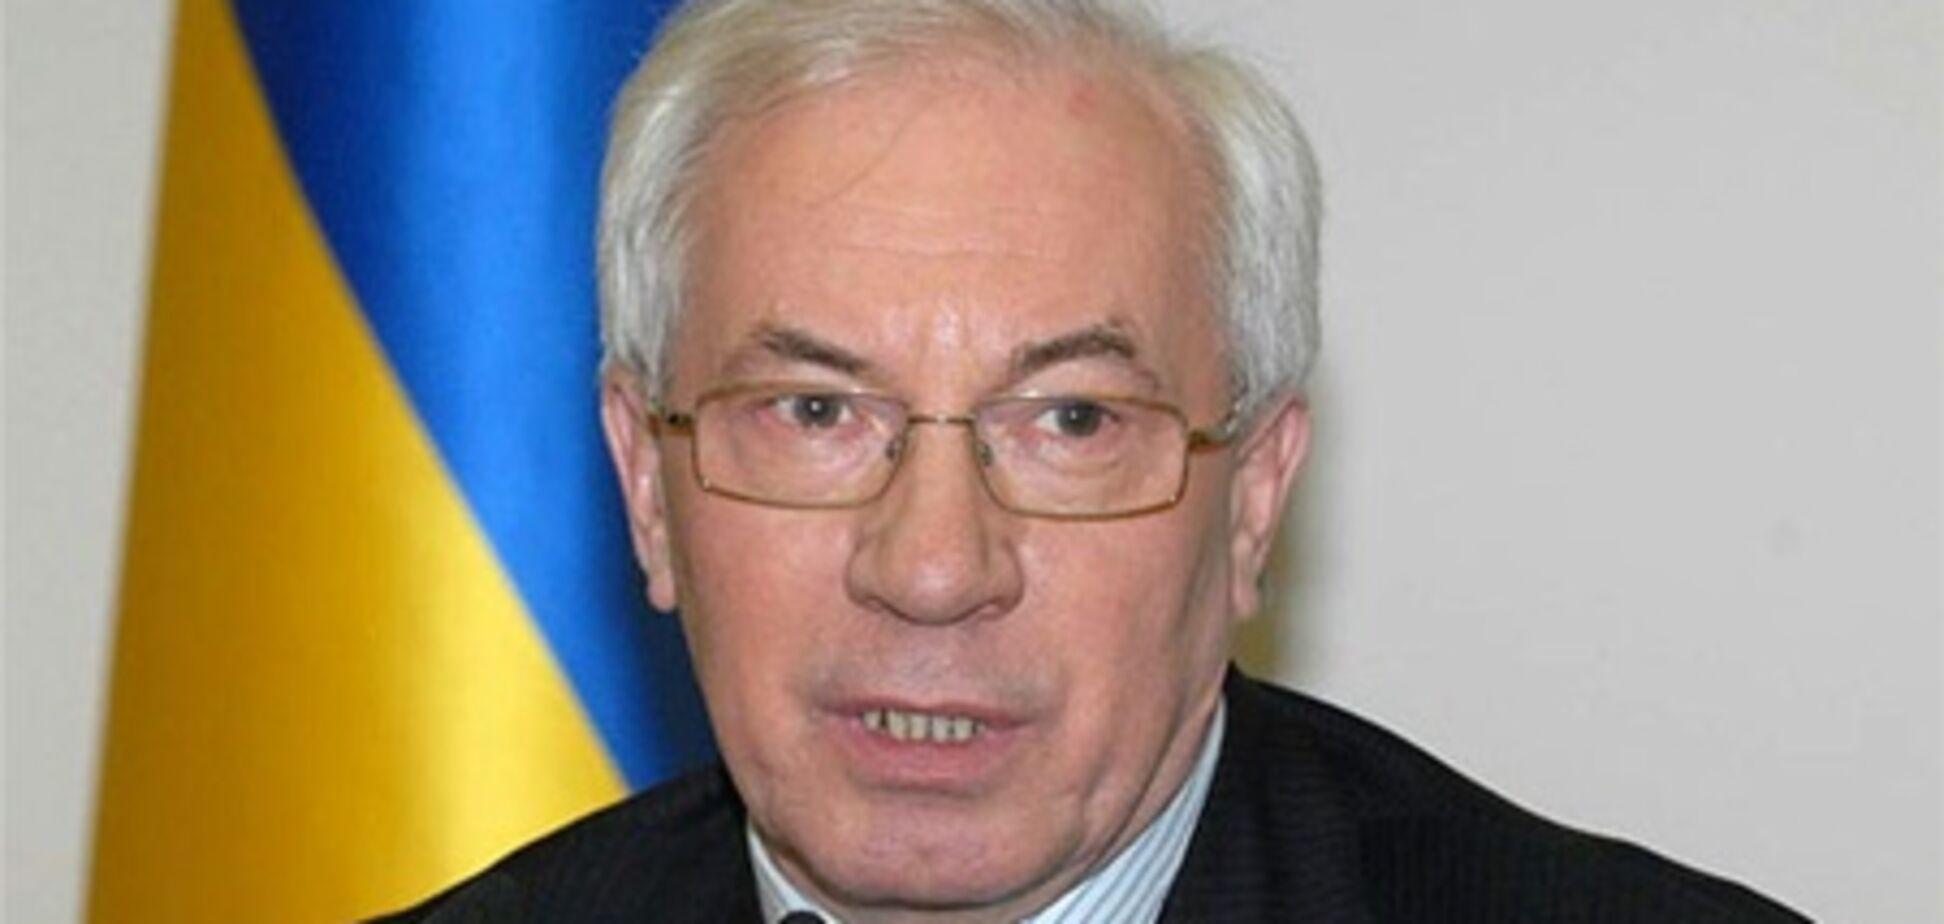 Азаров надеется на рост ВВП 3-4% в 2013